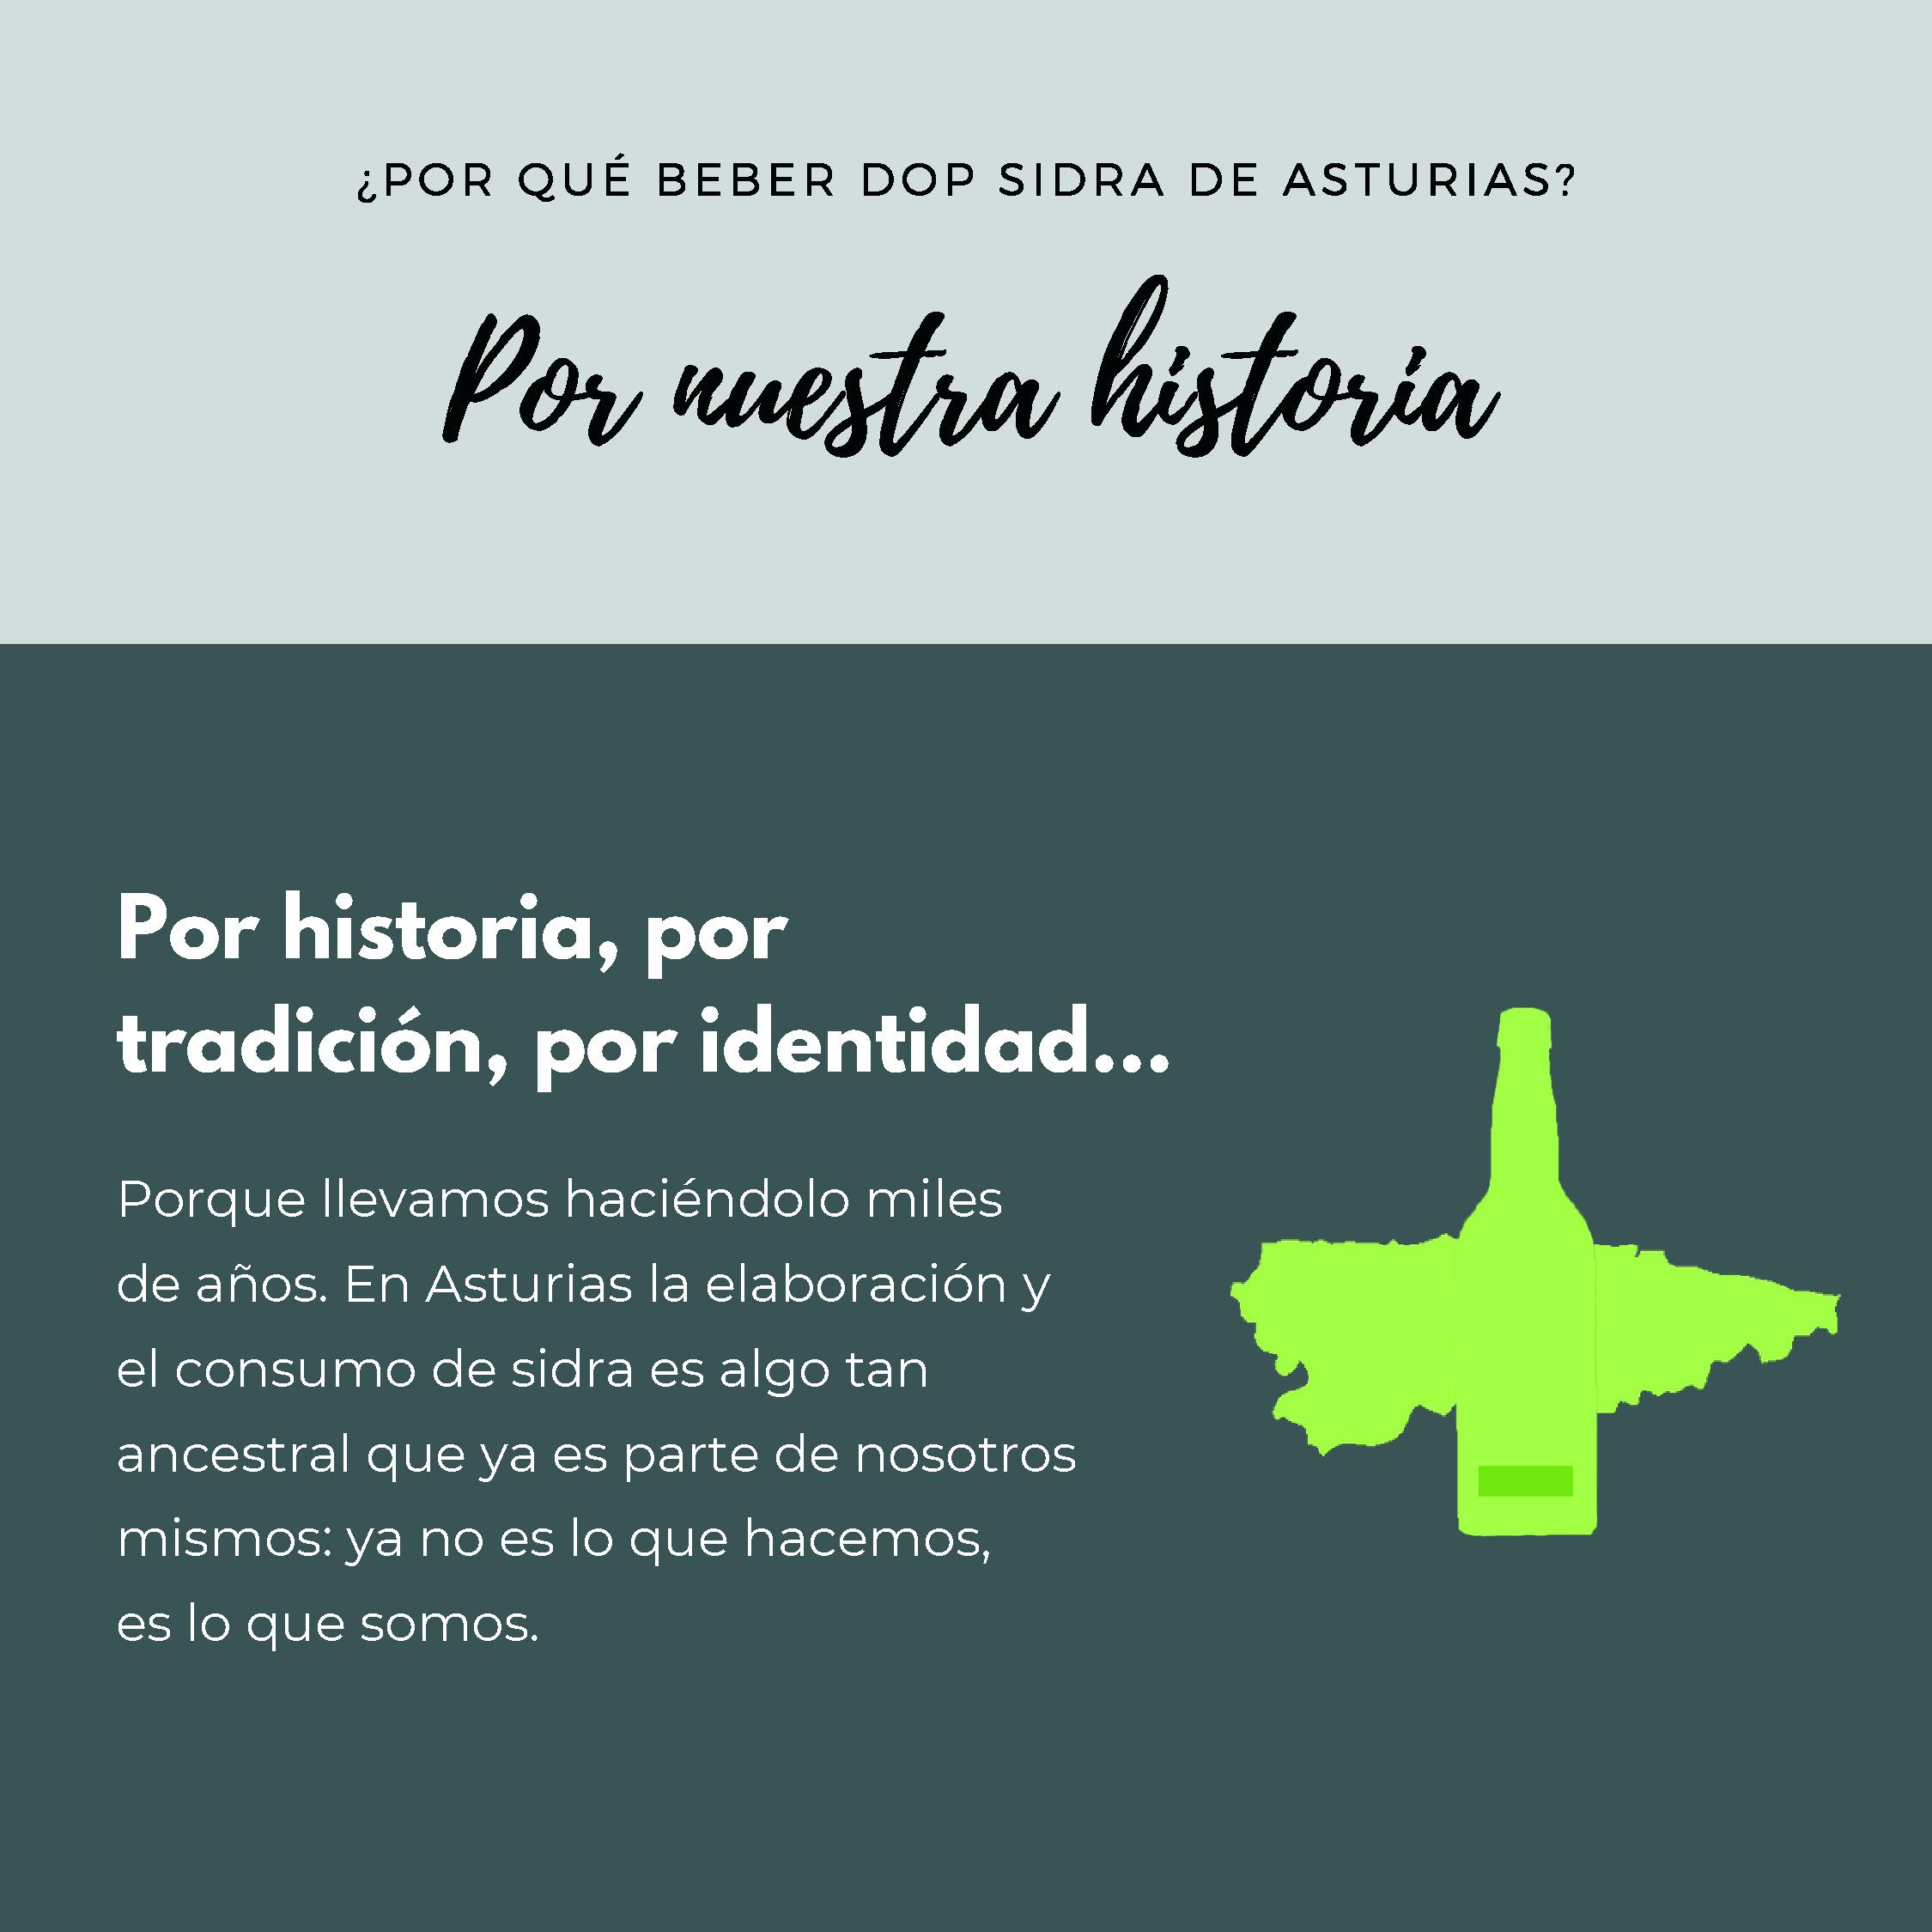 Por qué beber dop sidra de asturias - Gris